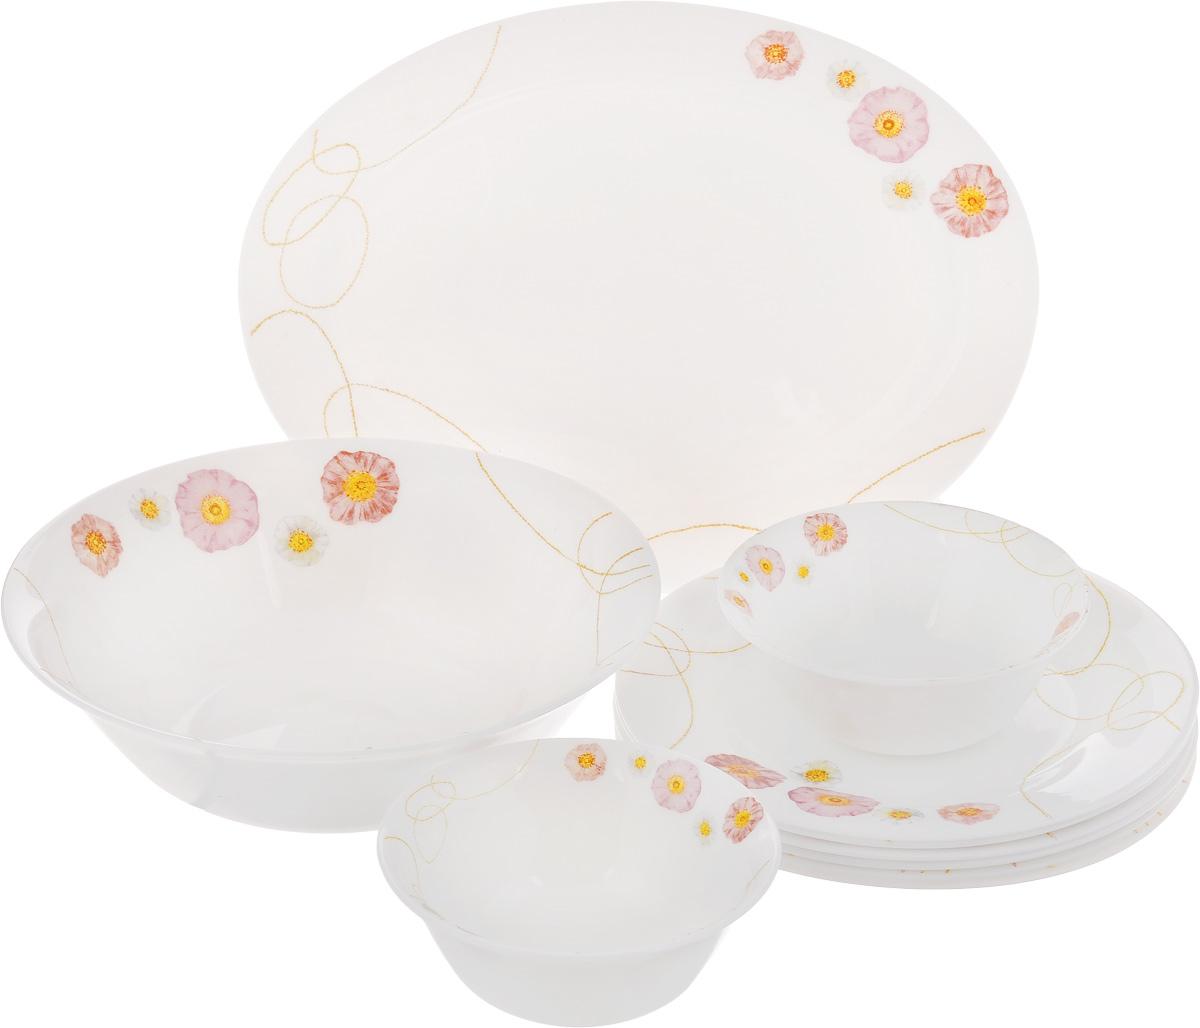 Набор столовой посуды Patricia Пинк Флауэр, 10 предметовIM11-0301Набор Patricia Пинк Флауэр состоит из 6 десертных тарелок, 2 малых салатников, блюда и большого салатника. Изделия, выполненные из высококачественной стеклокерамики, имеют классический дизайн с изящным изображением цветов. Посуда отличается прочностью, гигиеничностью и долгим сроком службы, она устойчива к появлению царапин и резким перепадам температур. Набор столовой посуды Patricia Пинк Флауэр - это не только яркий и полезный подарок для родных и близких, это также великолепное дизайнерское решение для вашей кухни или столовой. Не рекомендуется мыть в посудомоечной машине. Можно использовать в микроволновой печи и холодильнике. Диаметр малого салатника (по верхнему краю): 12,5 см. Высота малого салатника: 5 см. Диаметр большого салатника (по верхнему краю): 22,5 см. Высота большого салатника: 6,5 см. Диаметр десертной тарелки (по верхнему краю): 20 см. Высота десертной тарелки: 1,5 см. Размер...